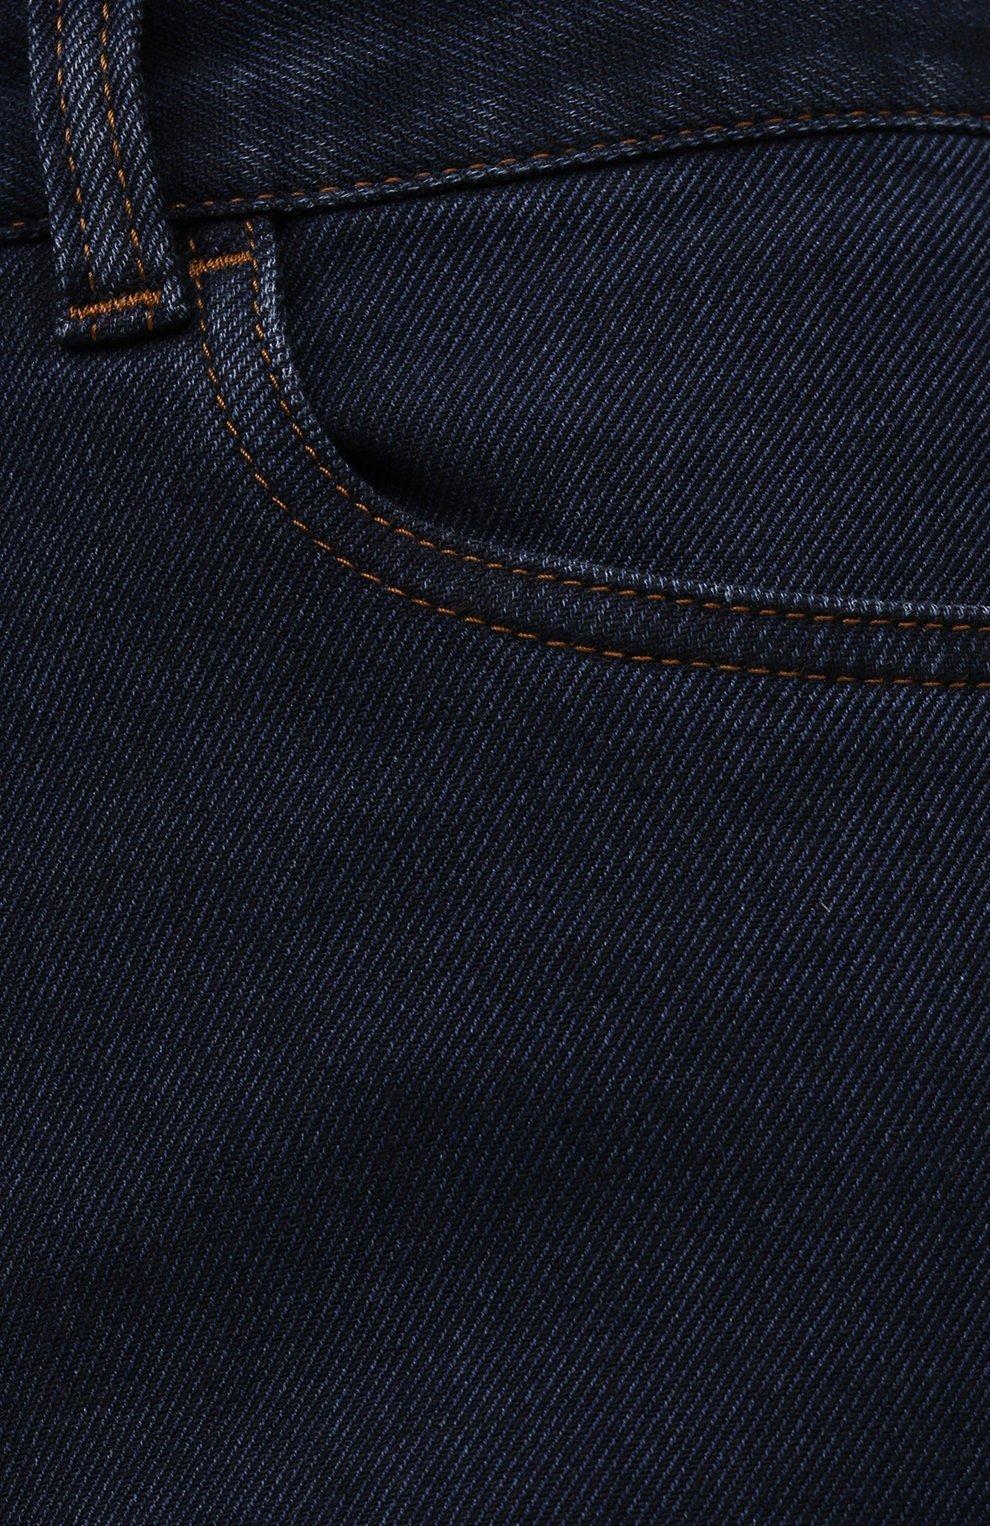 Мужские джинсы CANALI темно-синего цвета, арт. 91700R/PD00817 | Фото 5